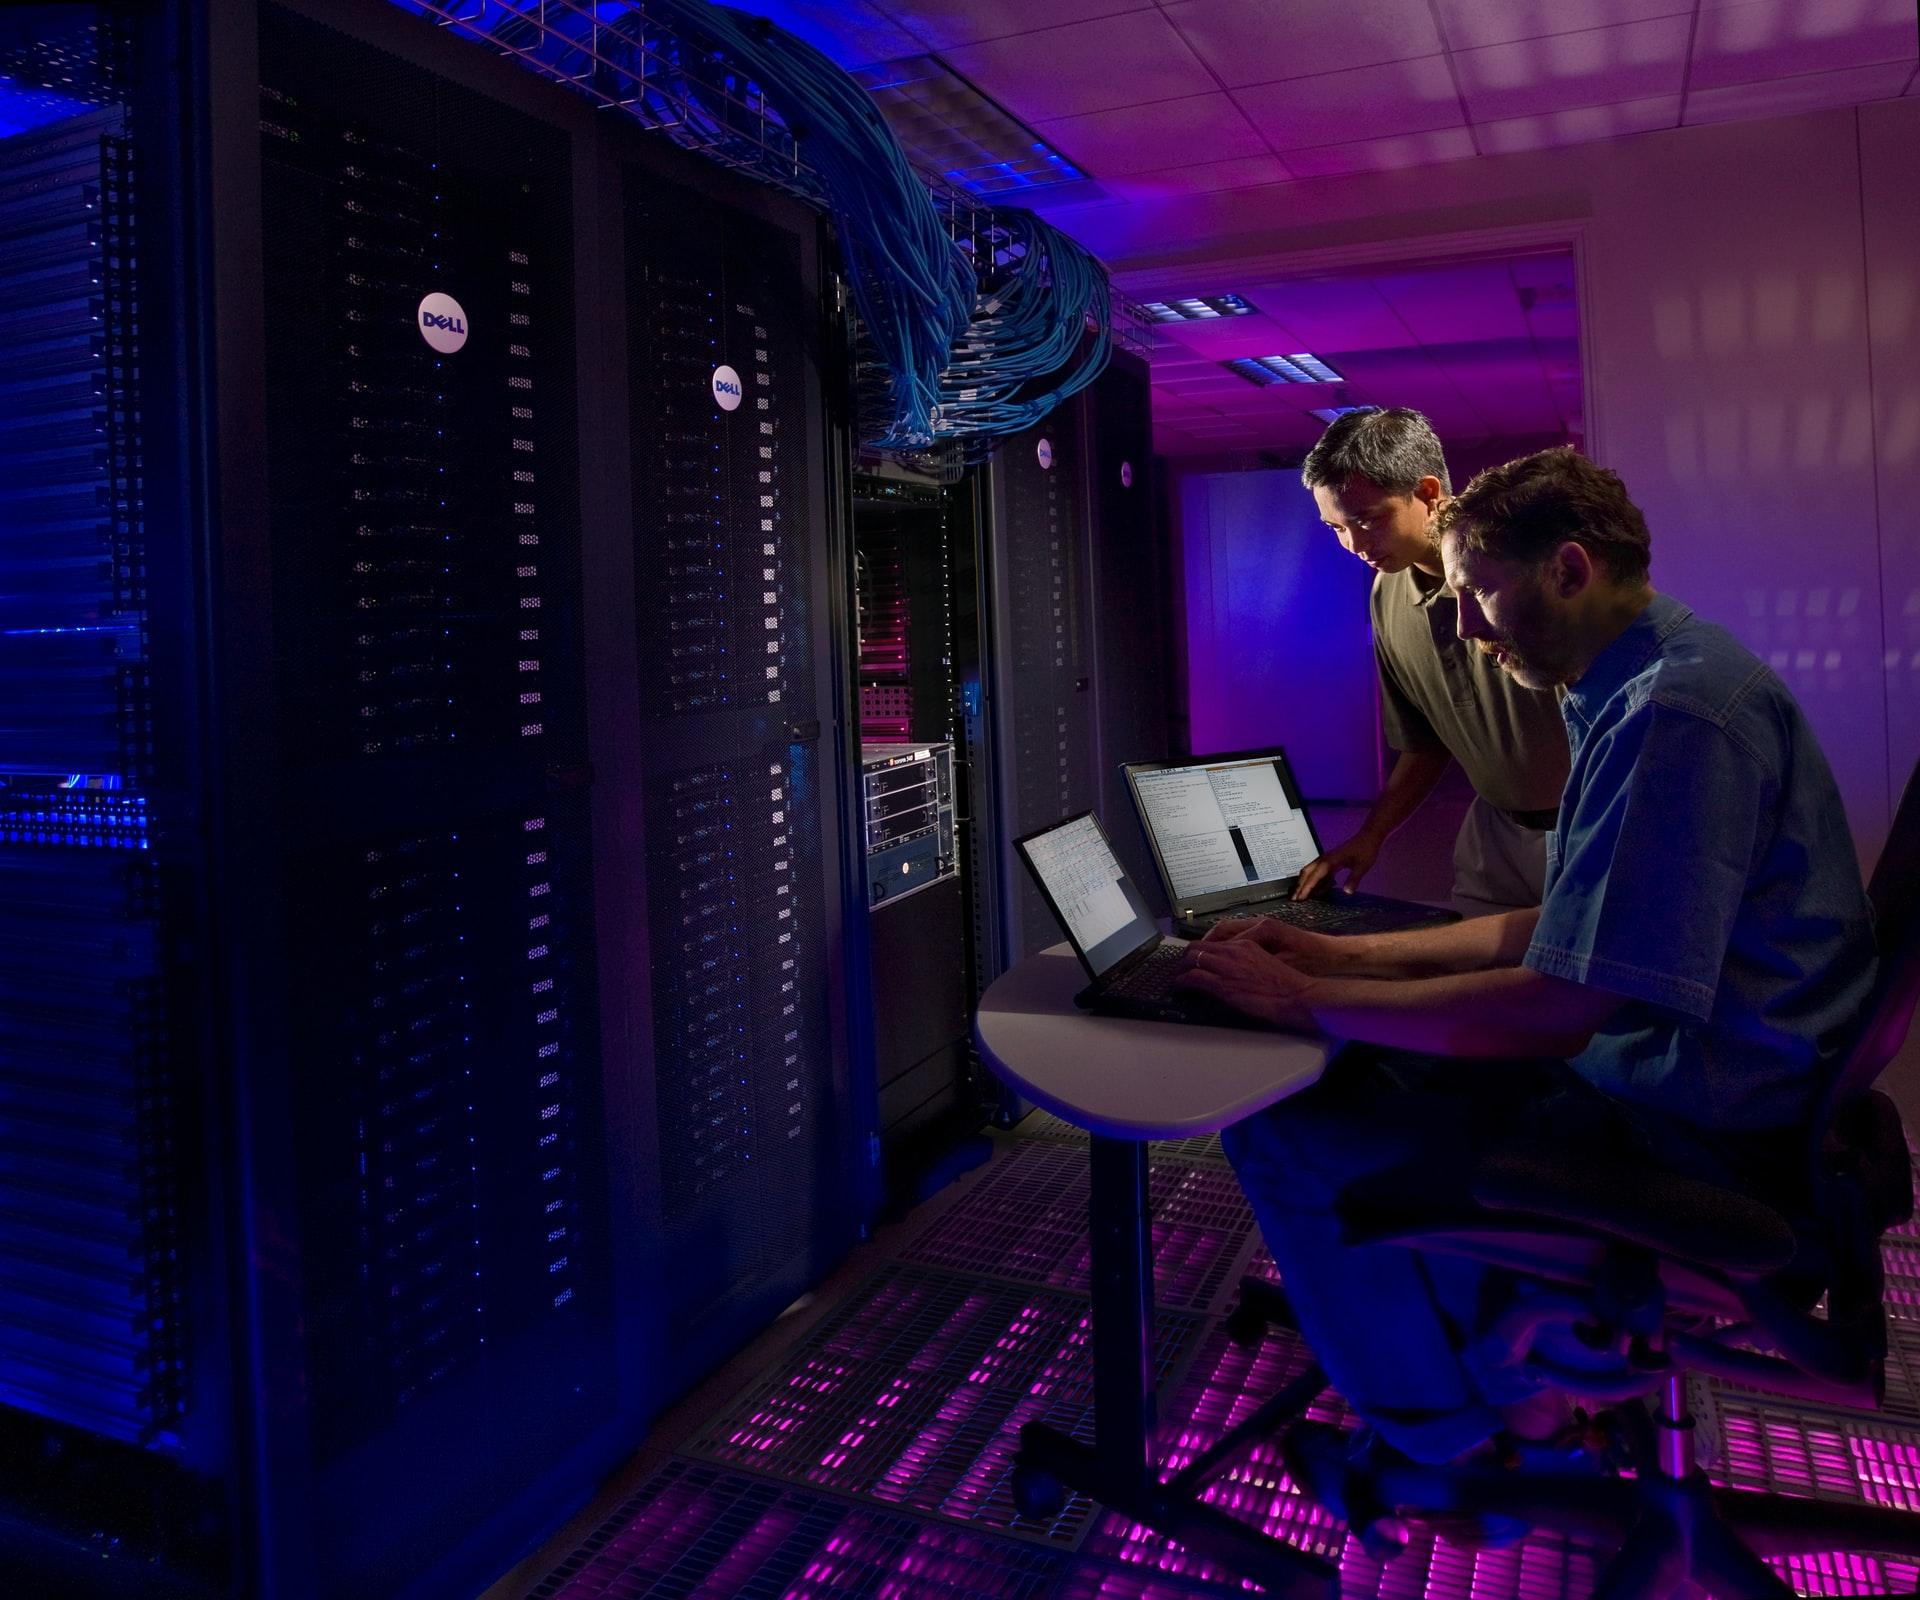 Wofür wird ein Server im Unternehmen benötigt?